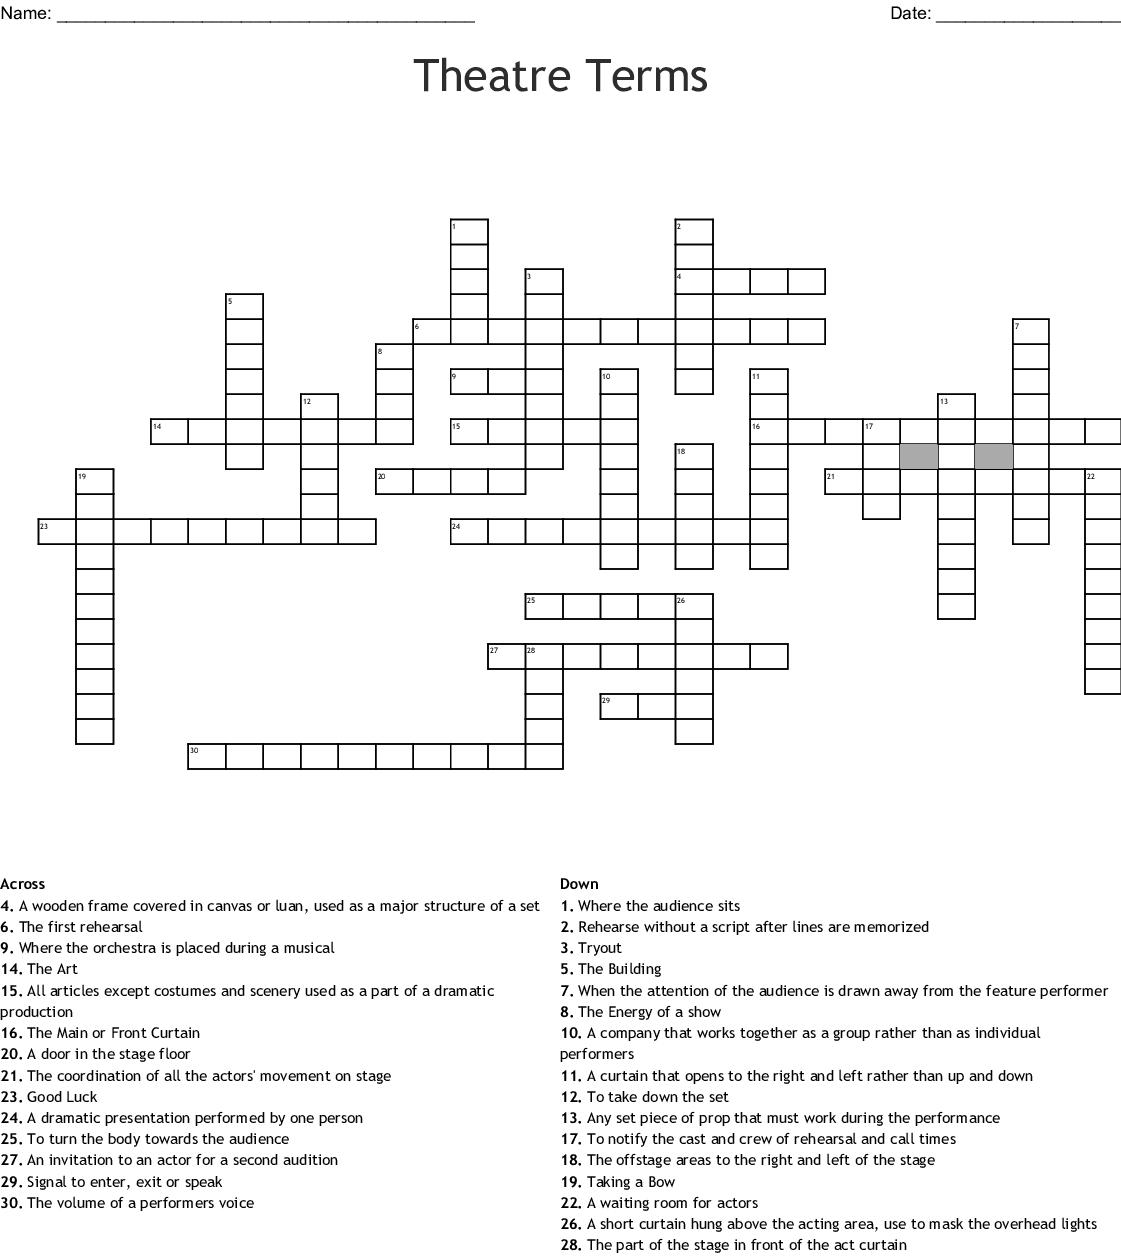 Theatre Terms Crossword - WordMint